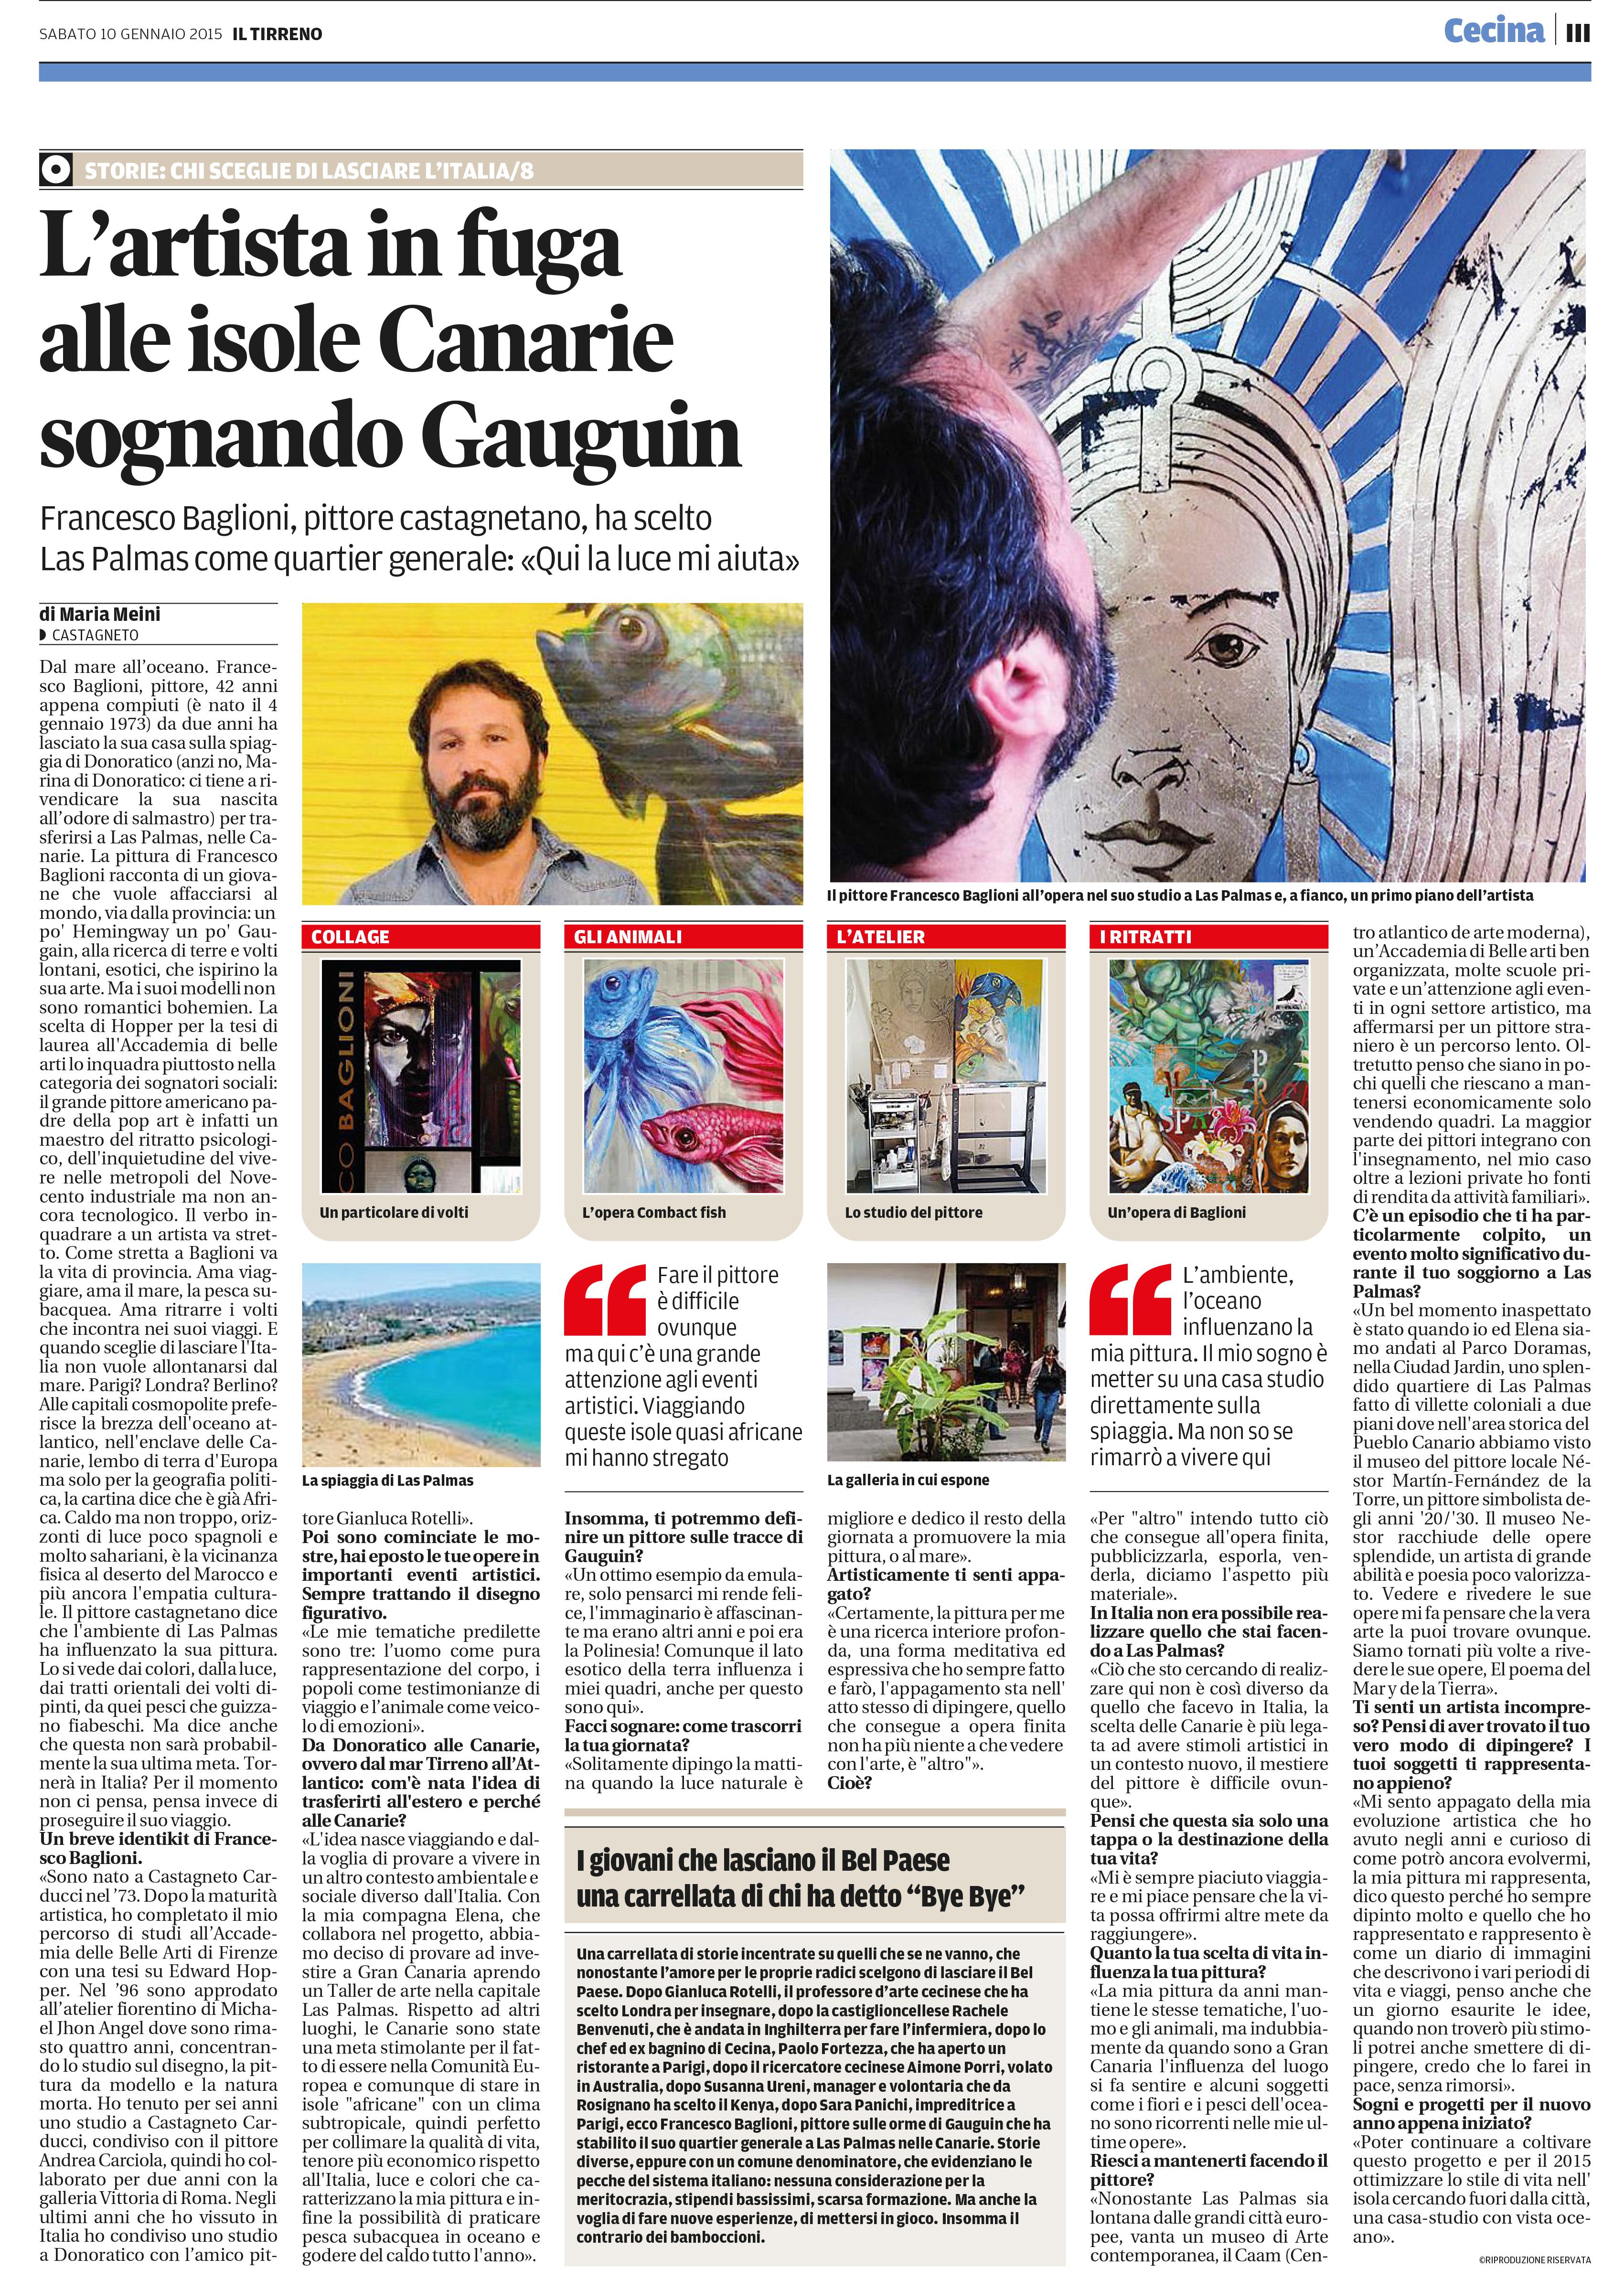 articolo IlTirreno 10/01/2015